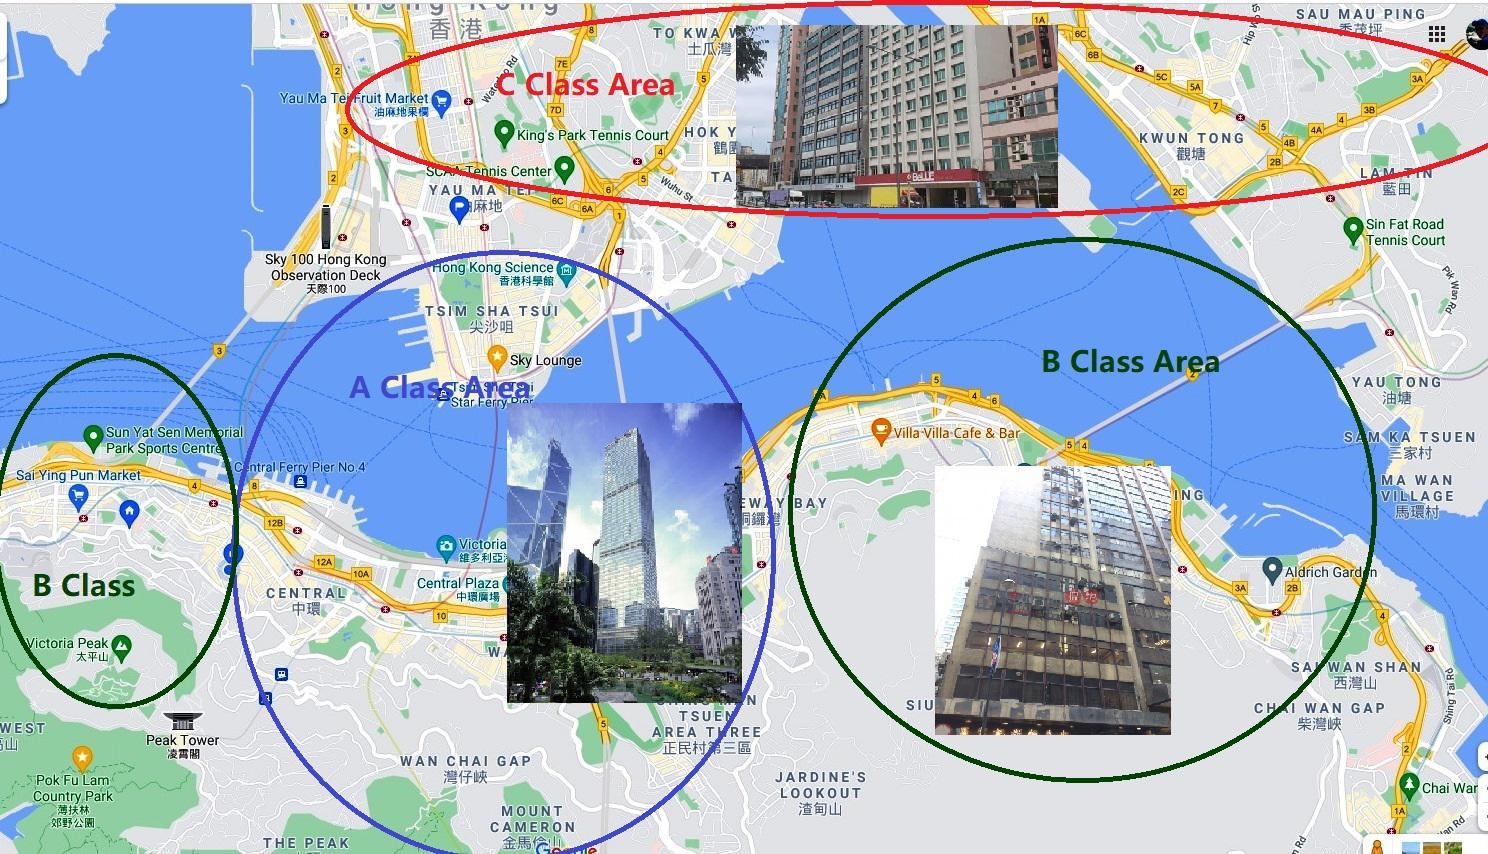 карта острова Гонконг (Центр) и Коулун с категориями класса офисных помещений